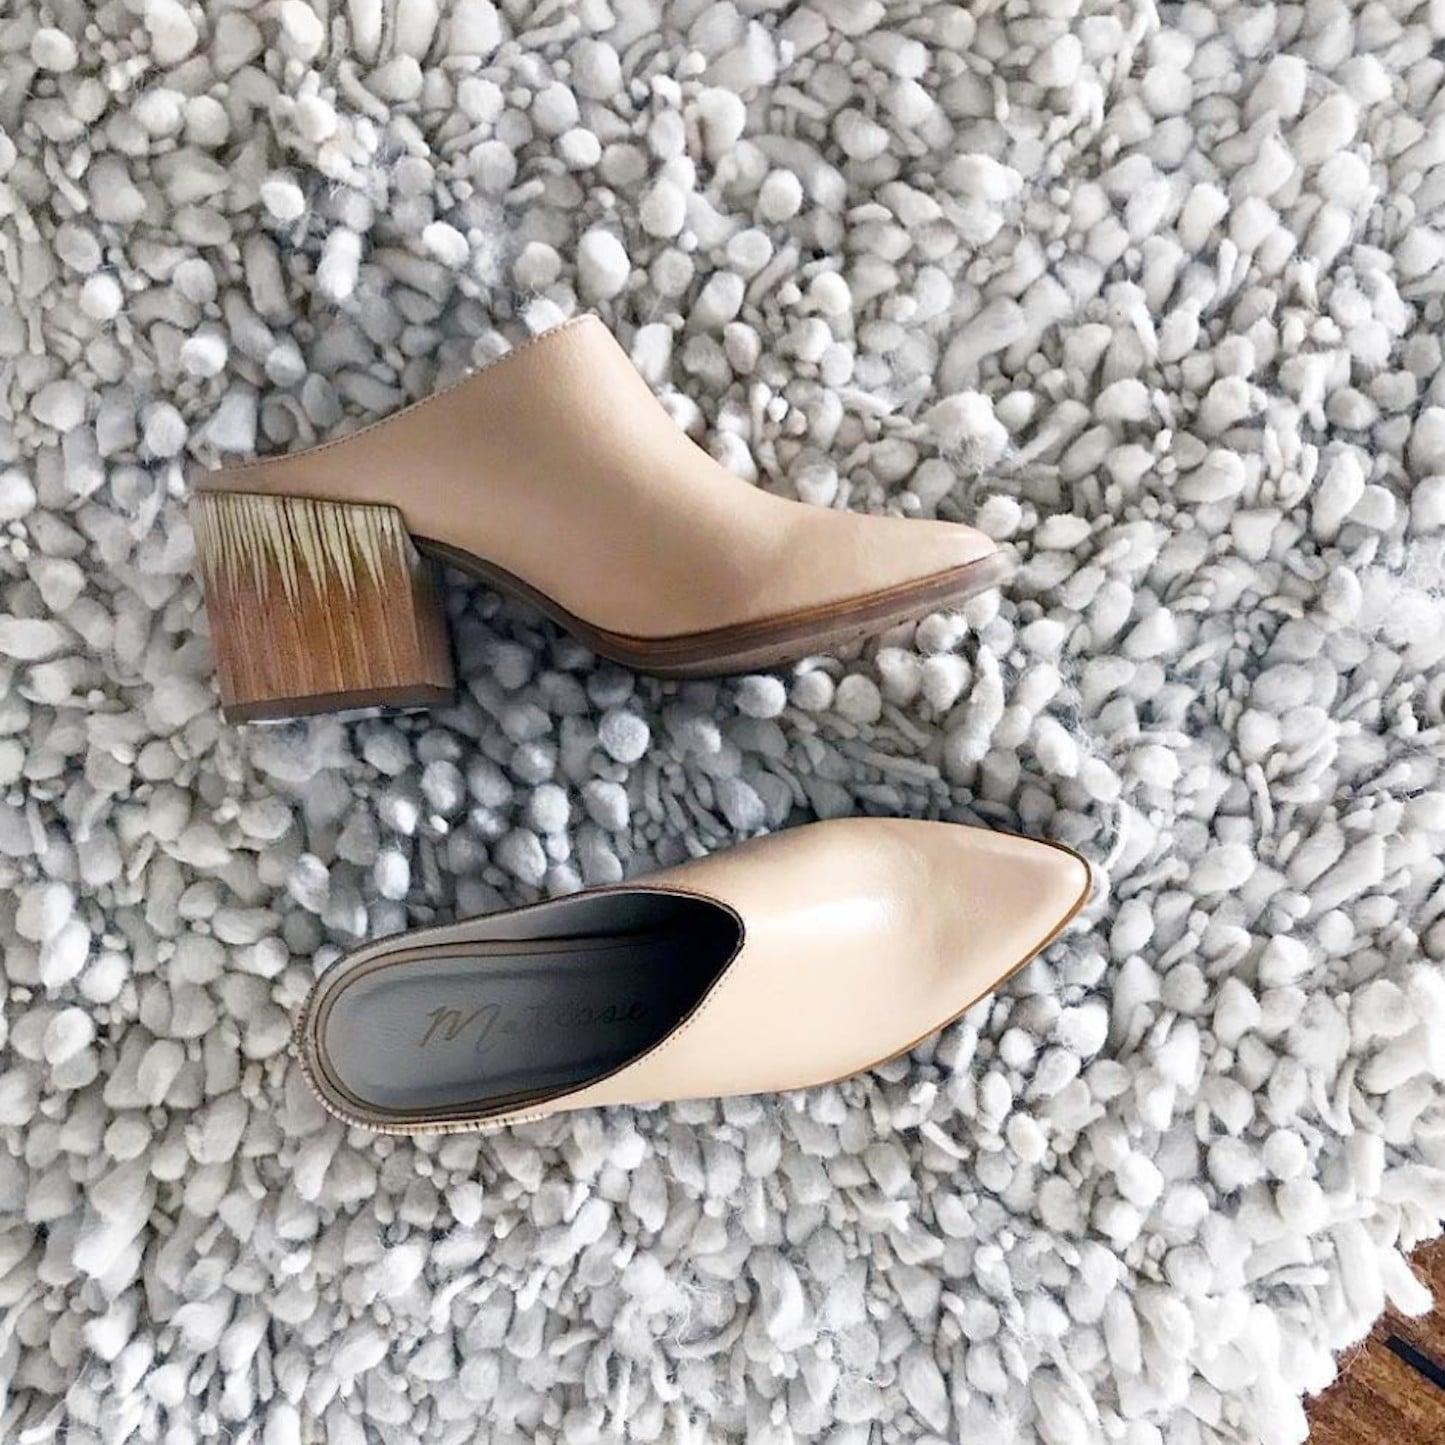 9ac24f0eeaa5 Matisse Footwear Review